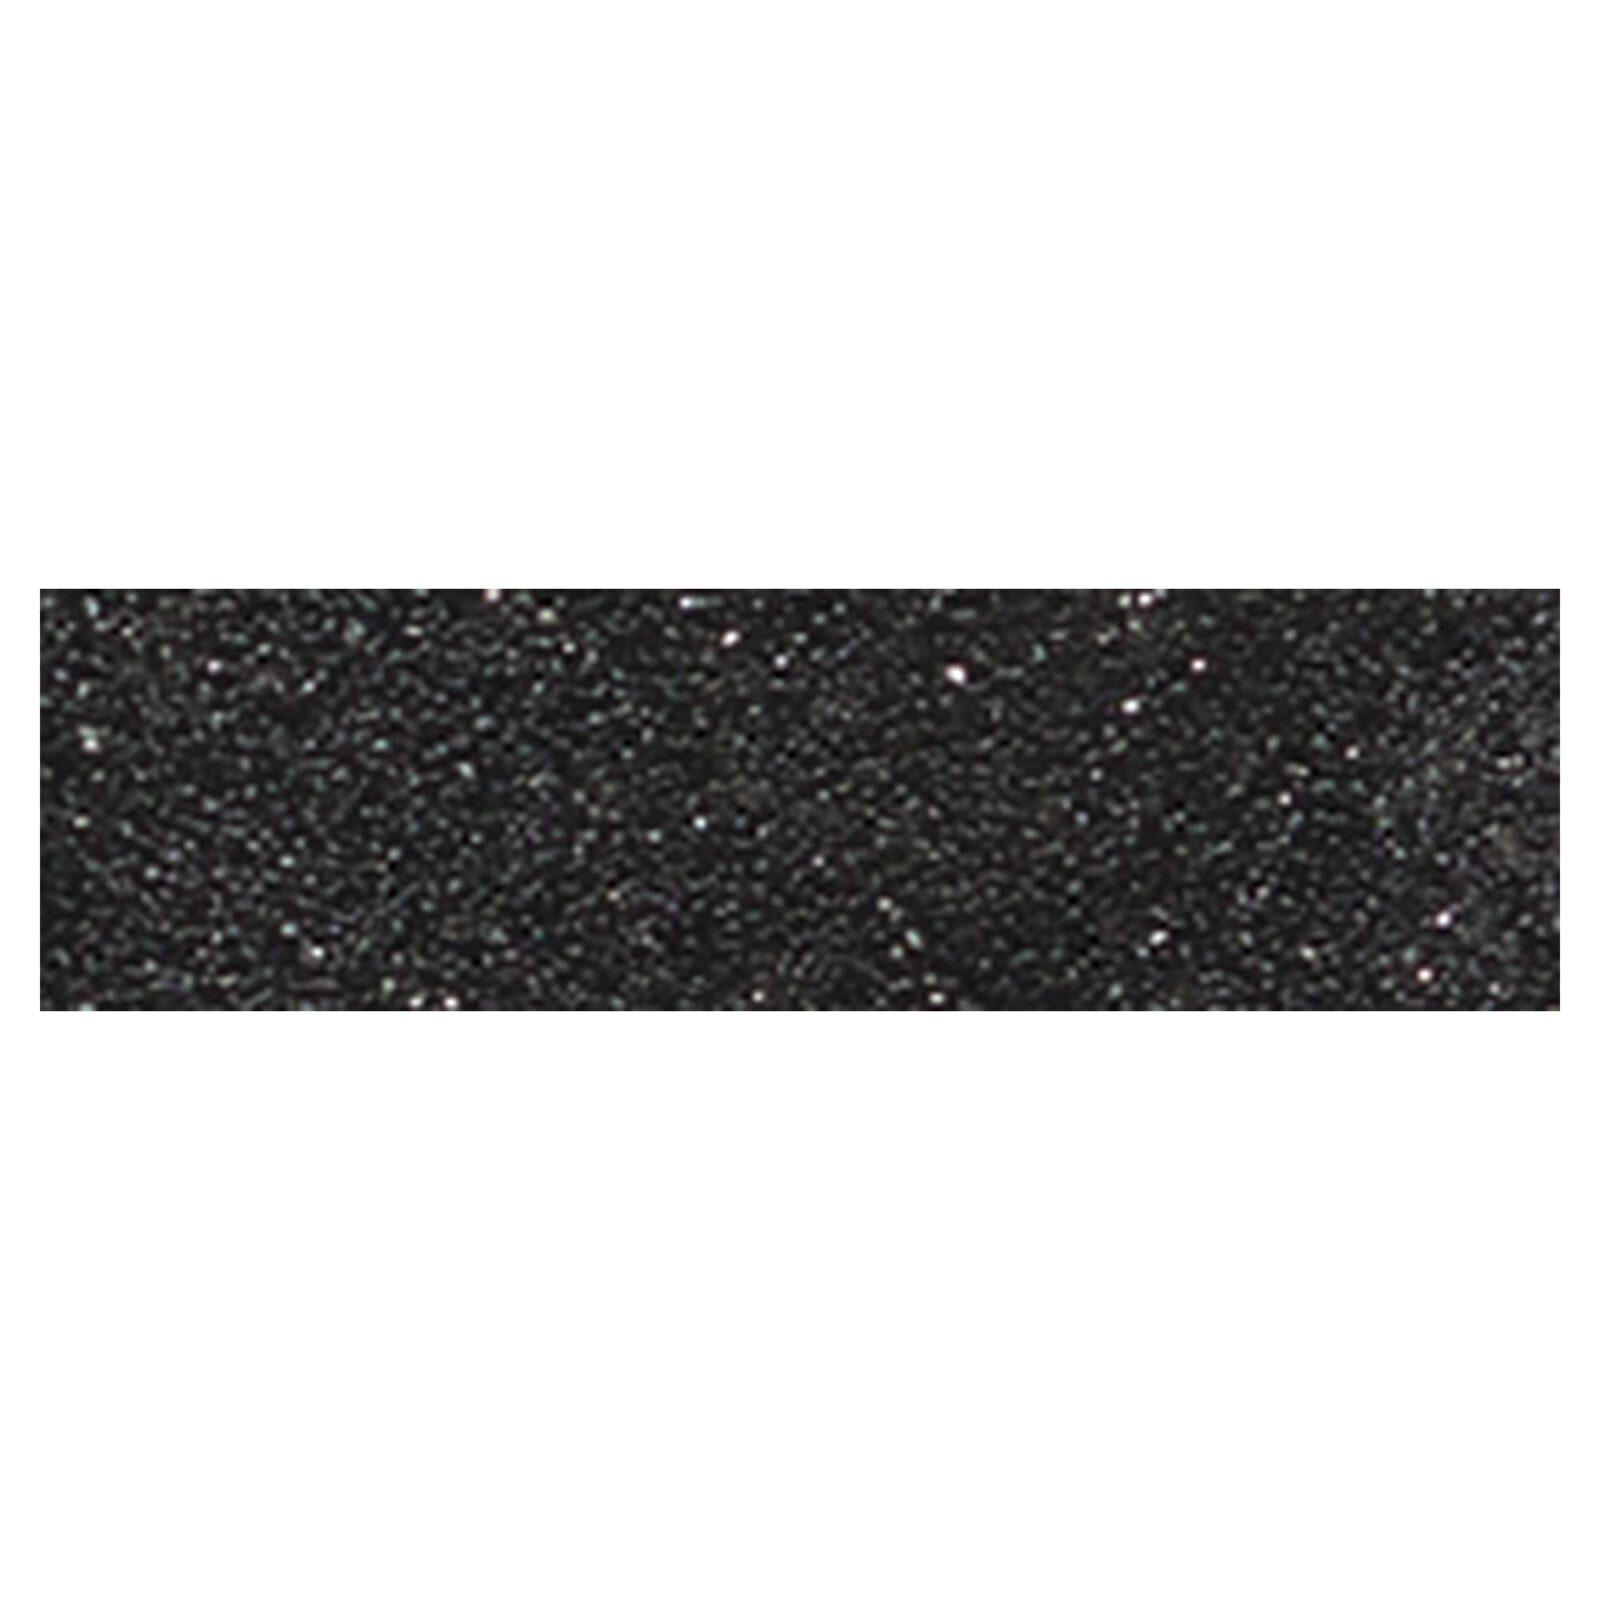 Мойка G-9(чёрный) (470х190) из гранитной крошки+сифон